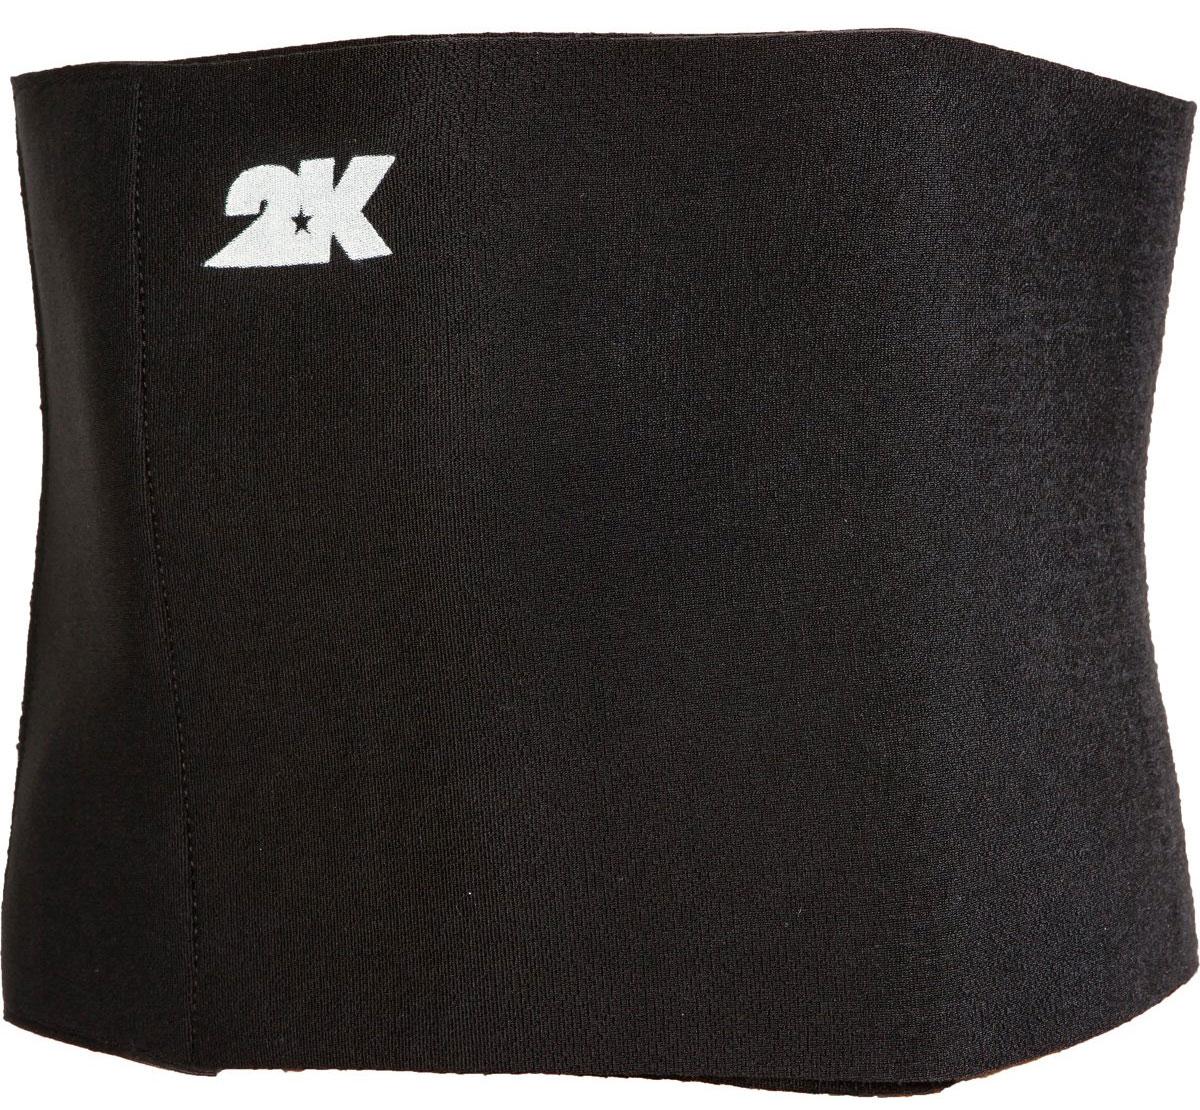 Суппорт бедра 2K Sport АС-003, цвет: черный. Размер SKBST-5075Суппорт для бедренного сустава 2K Sport АС-003 уменьшает нагрузку во время тренировки и защищает бедро в период восстановления. Выполнена из высококачественного неопрена (80%) и нейлона (20%). Суппорт прочный и эластичный.